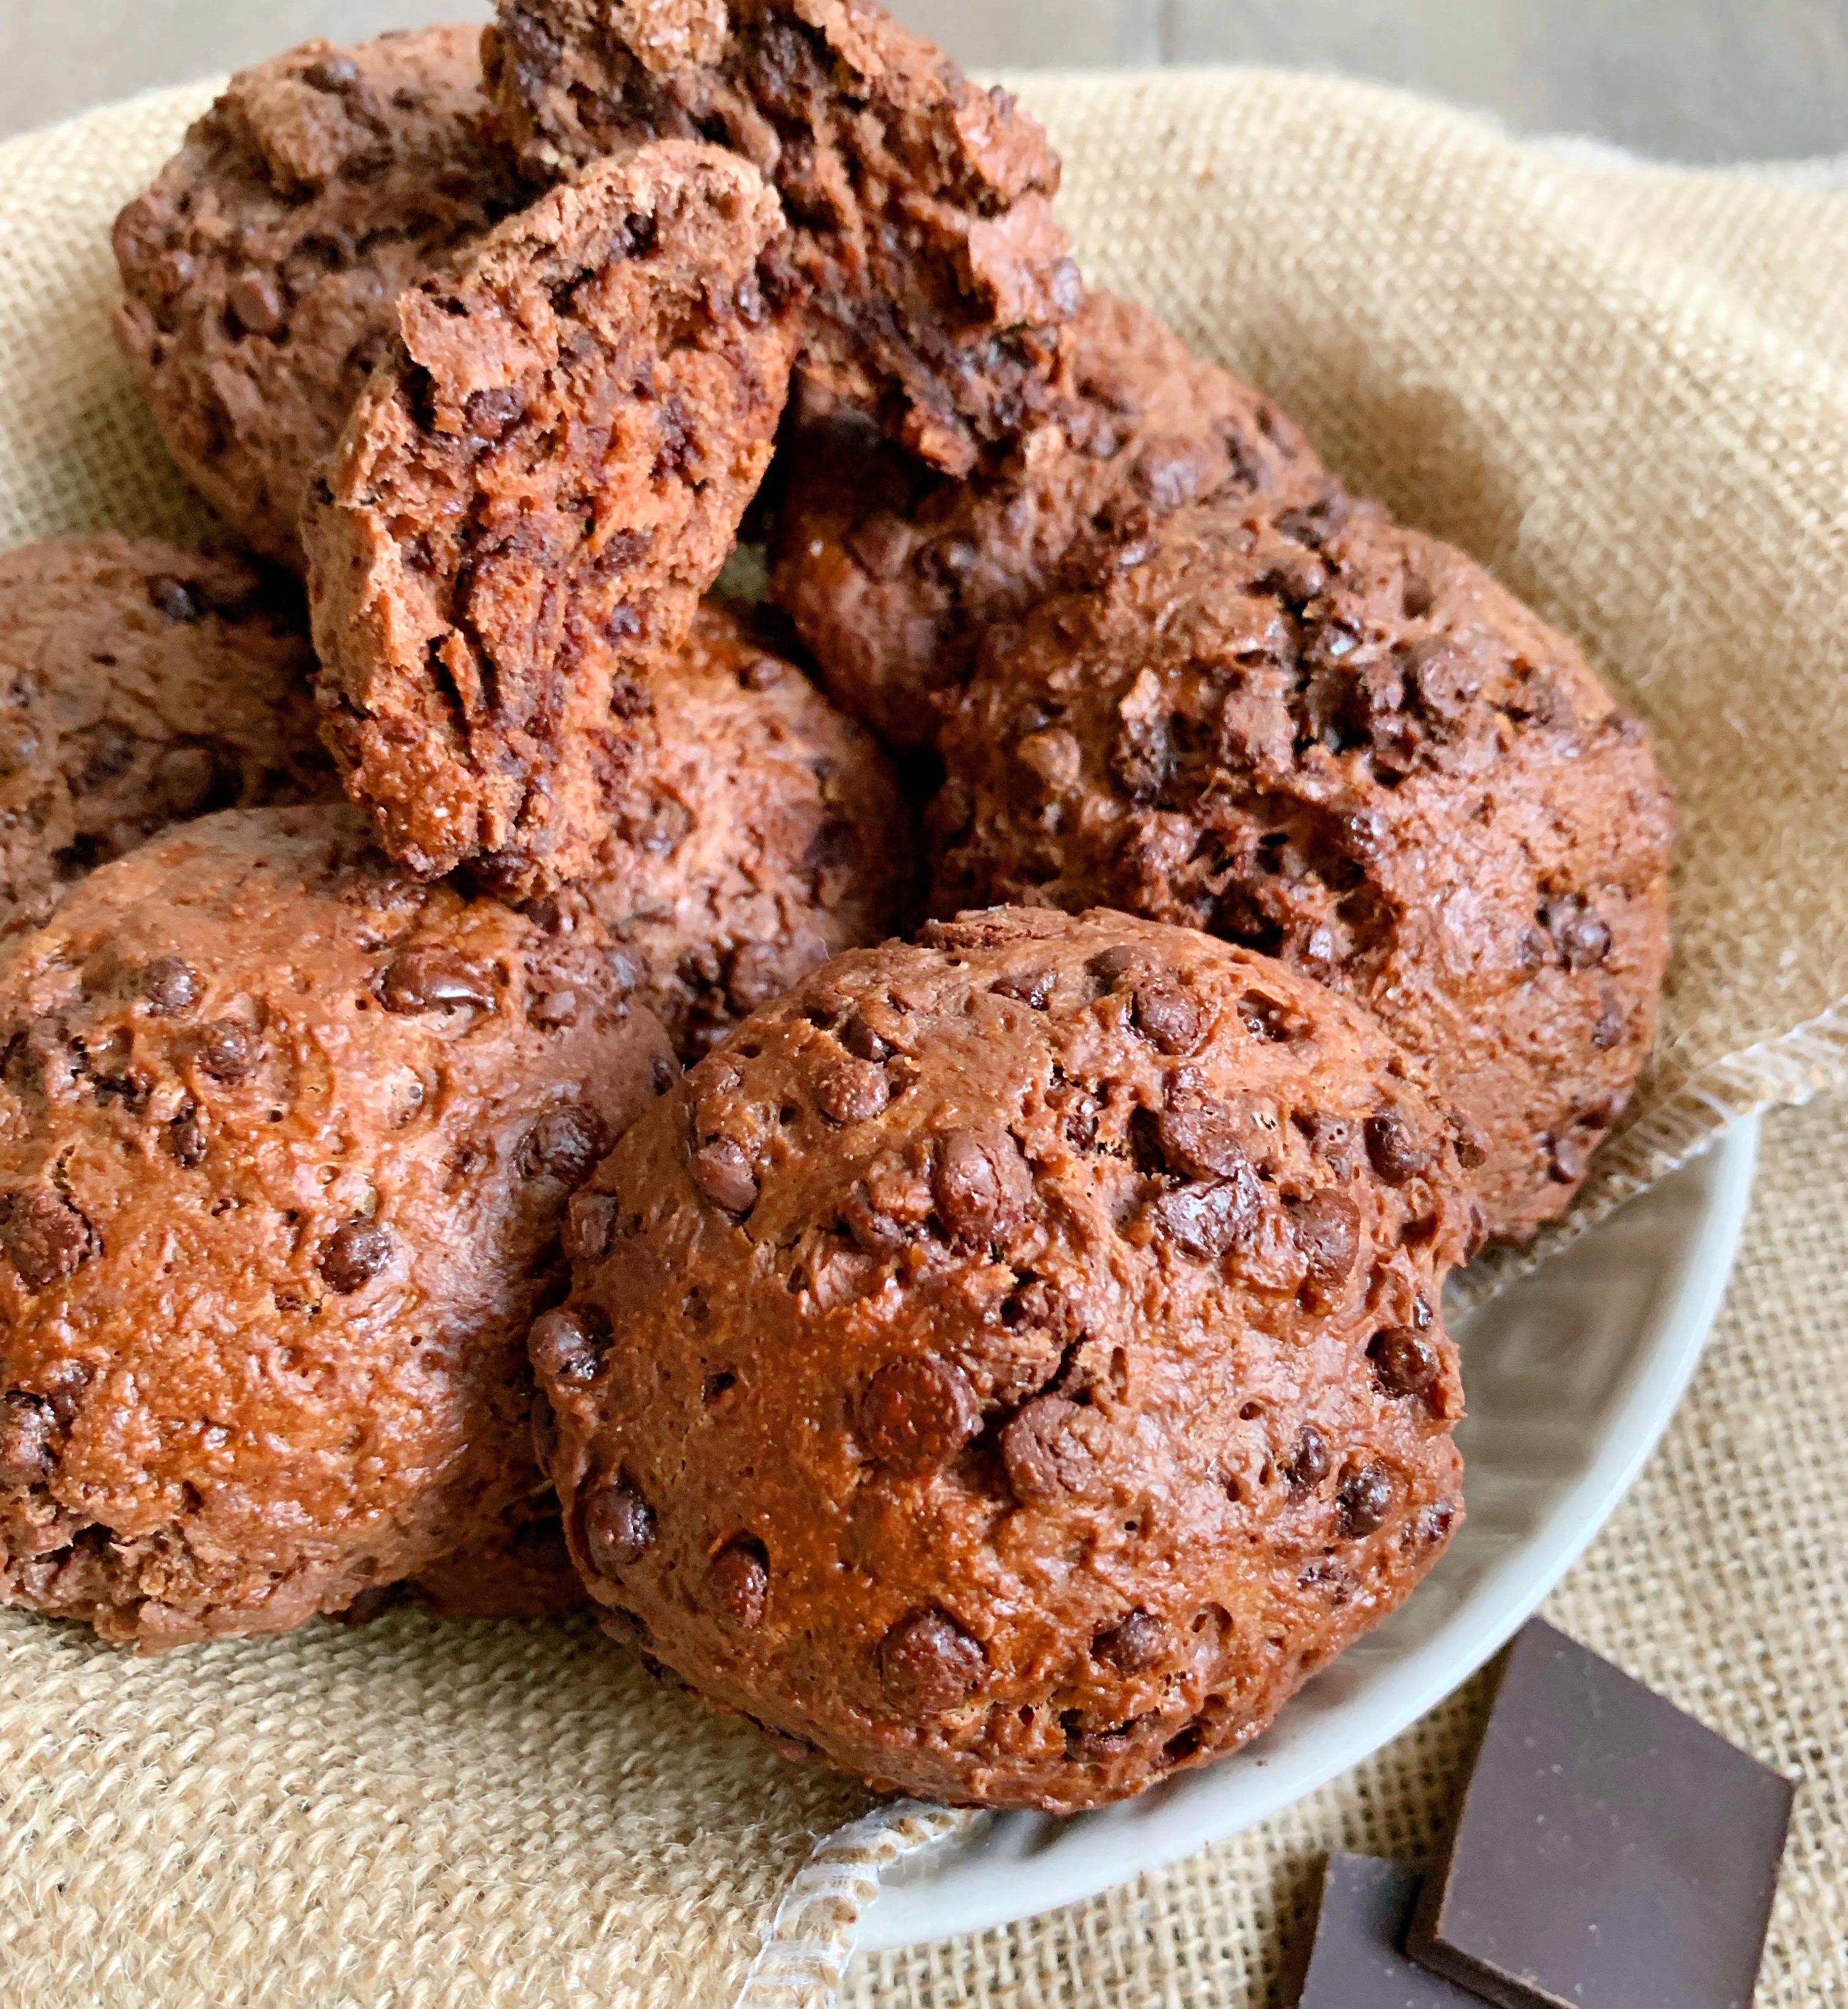 Panini dolci al cioccolato senza burro, golosi e originali di dolci senza burro